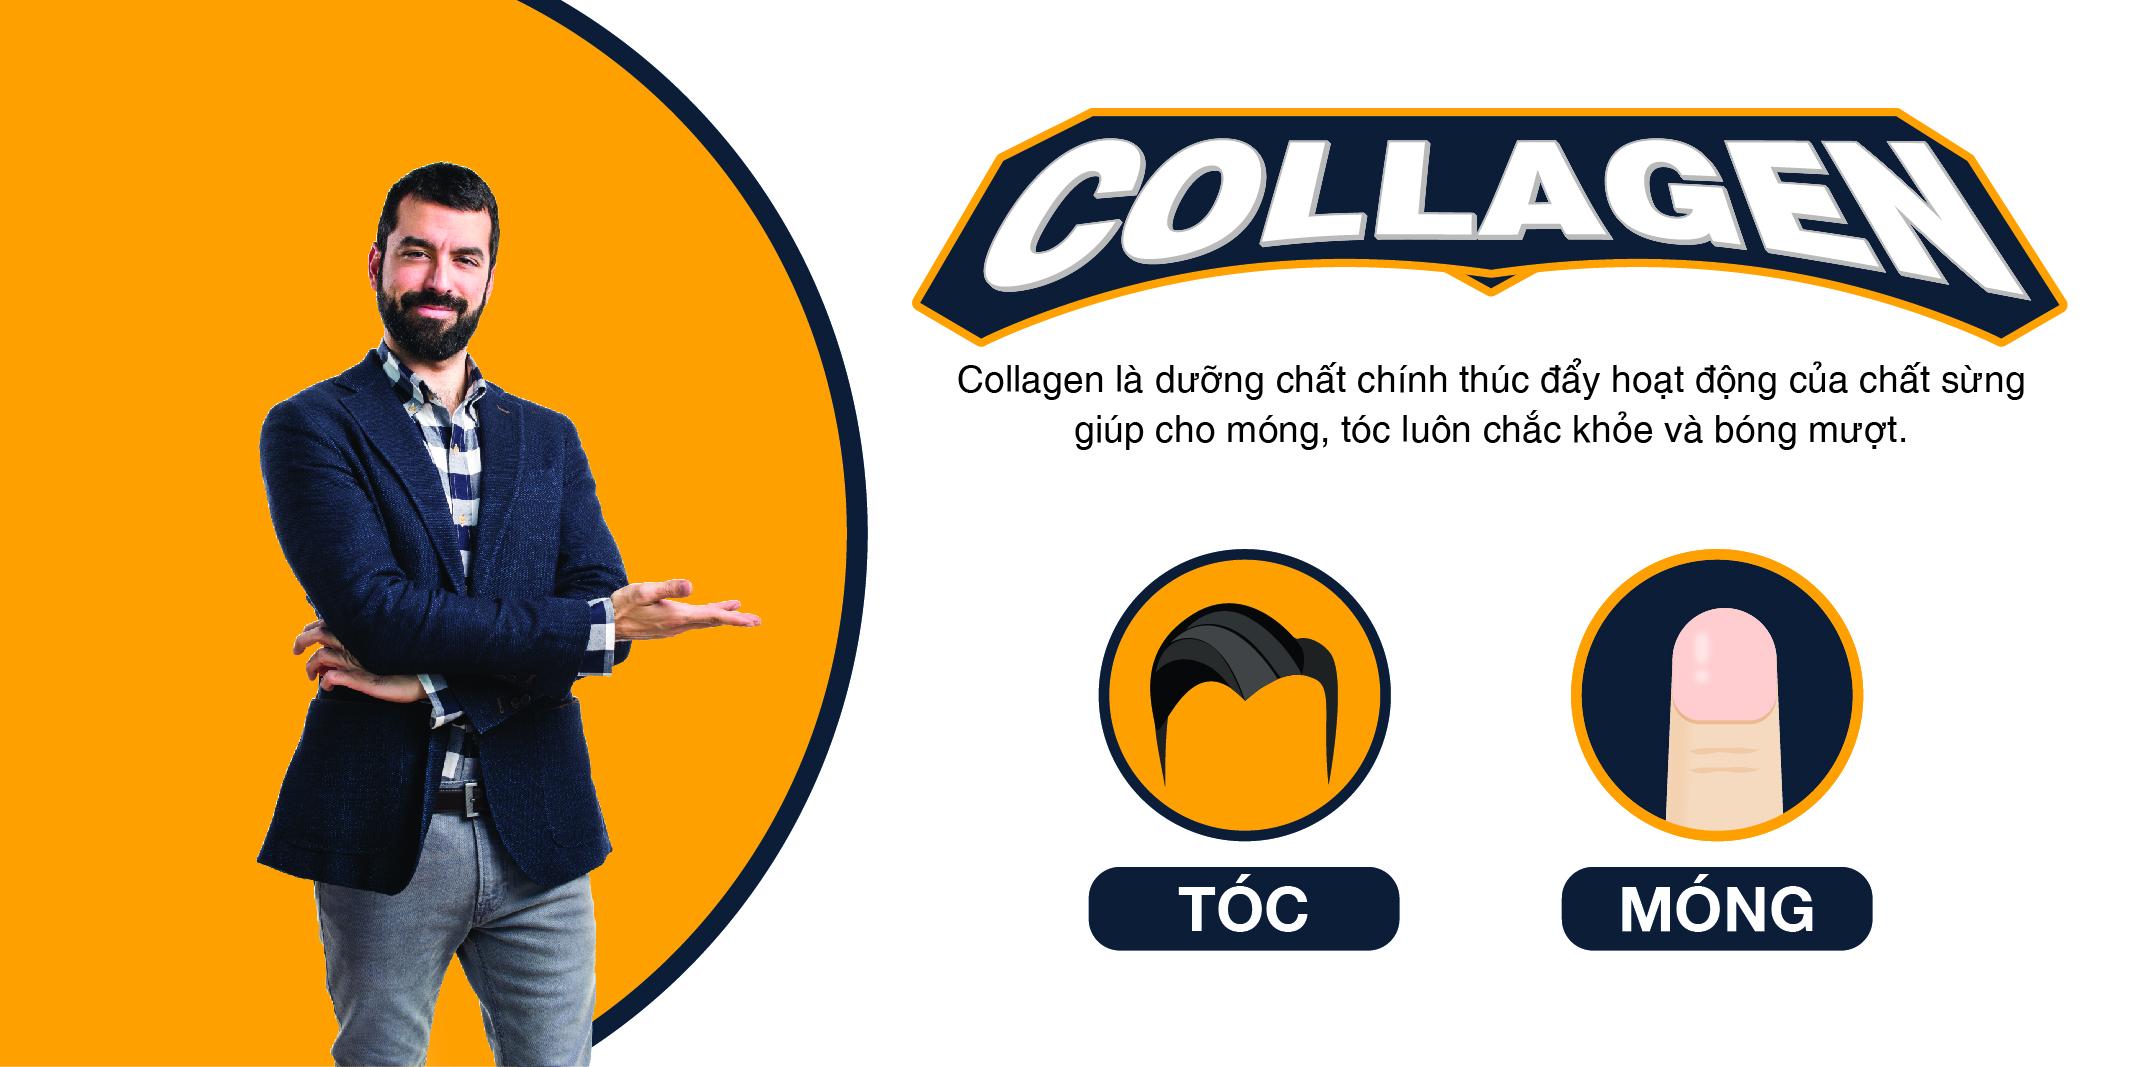 Collagen hỗ trợ sức khỏe da, tóc và móng